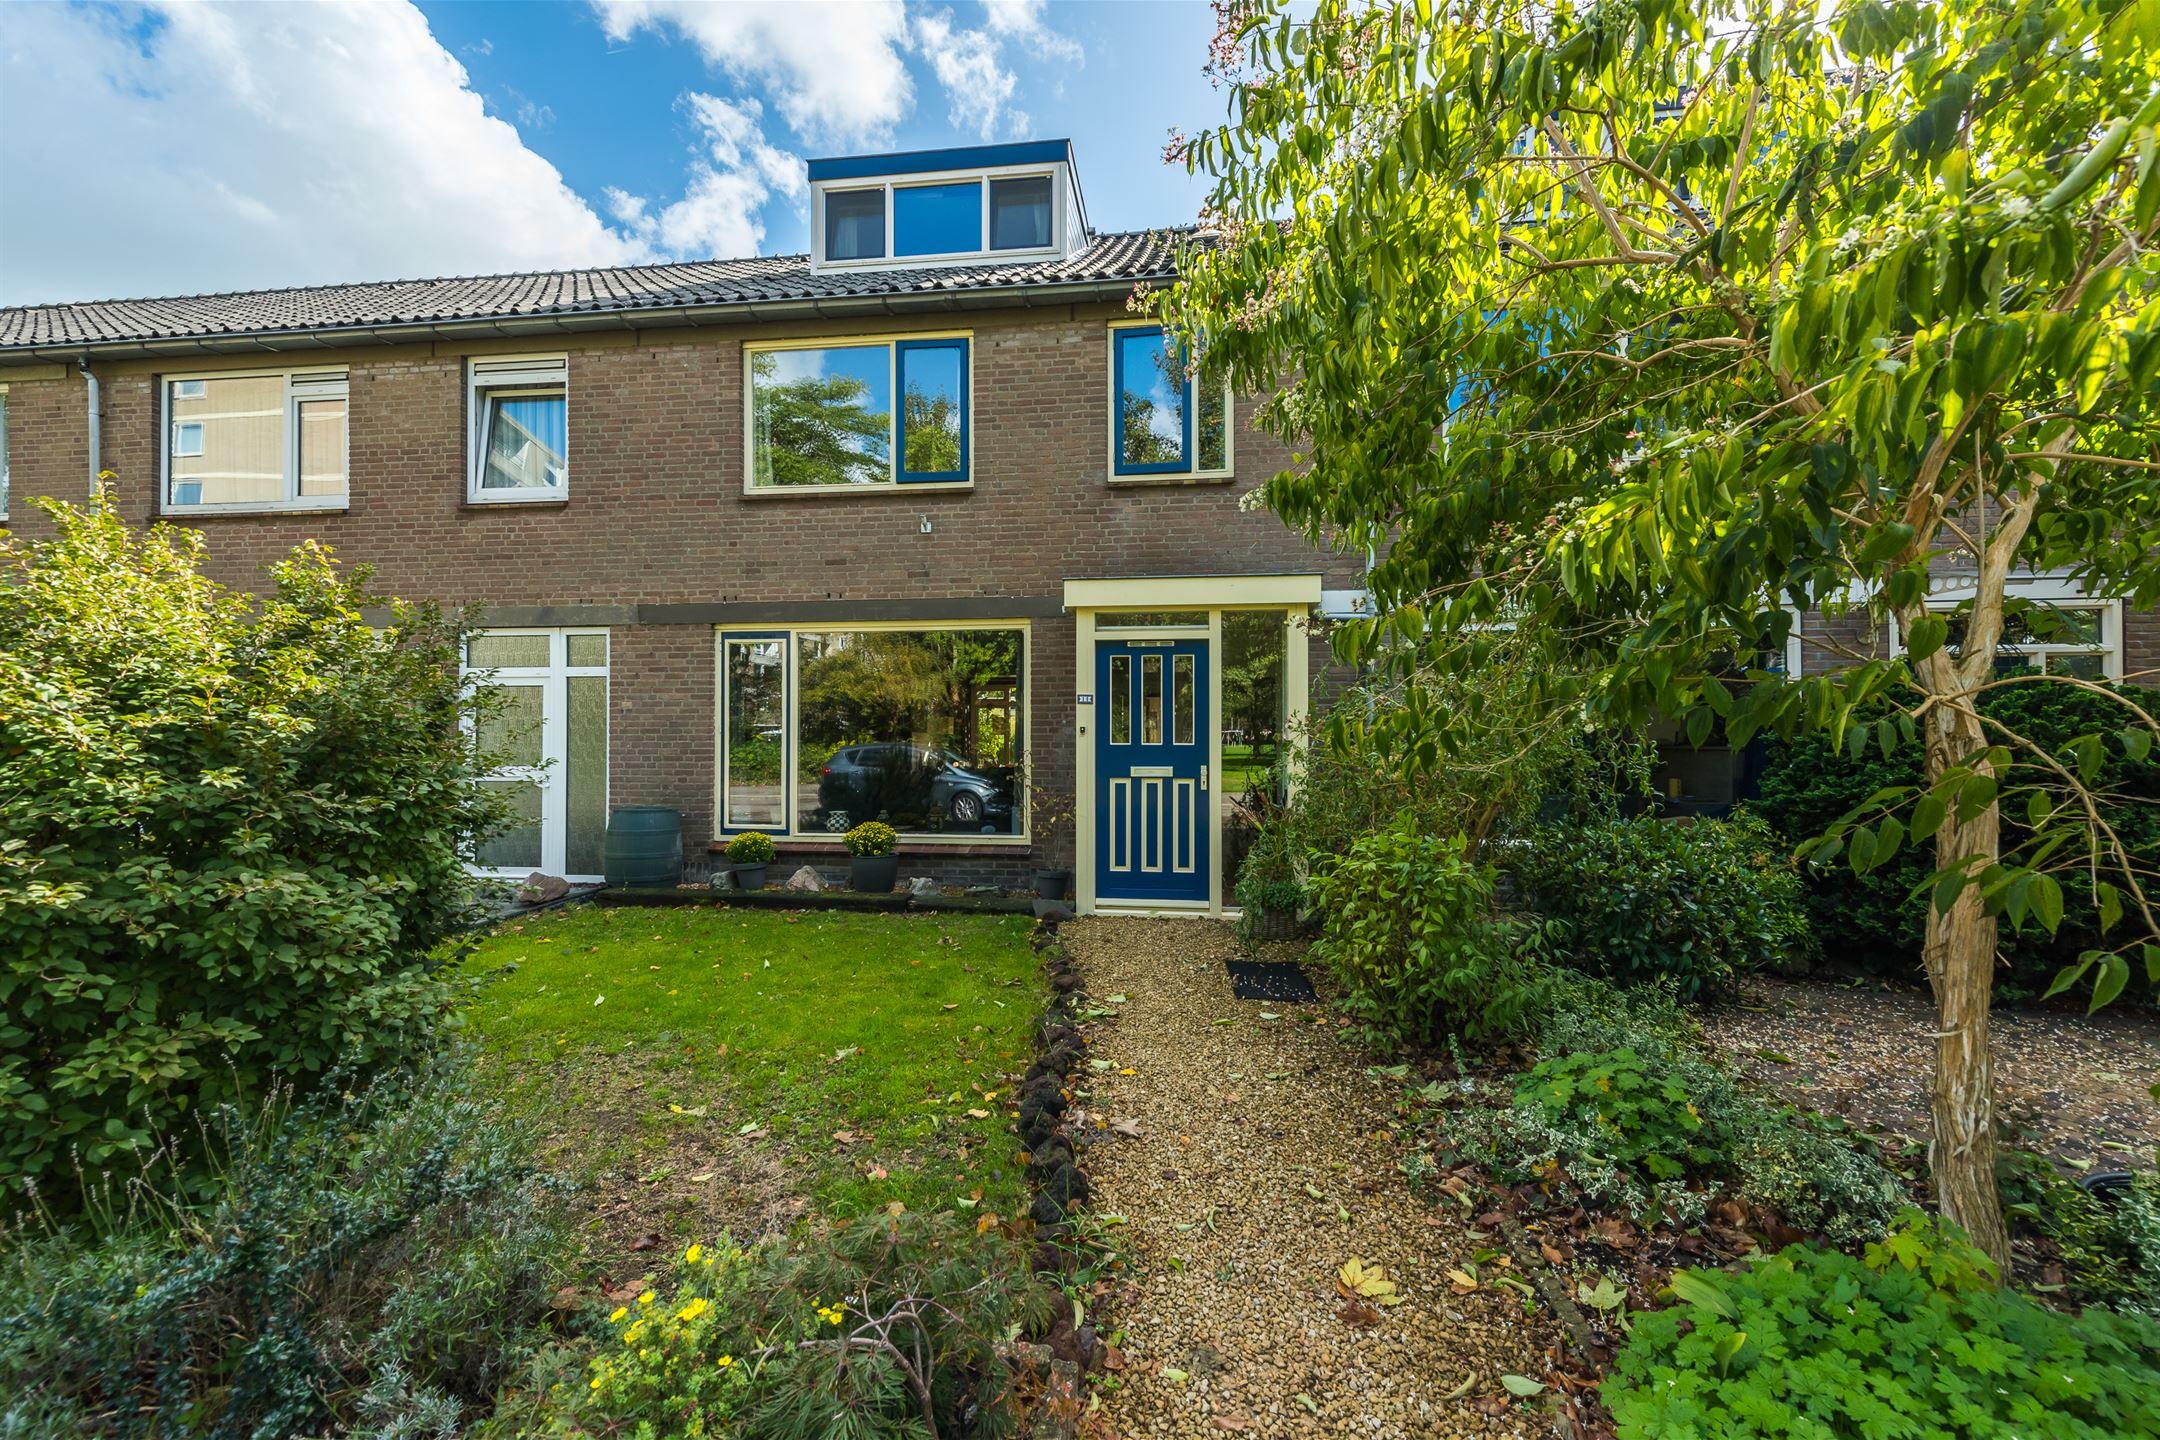 Huis te koop wulpstraat 11 3815 hk amersfoort funda for Huizen te koop amersfoort